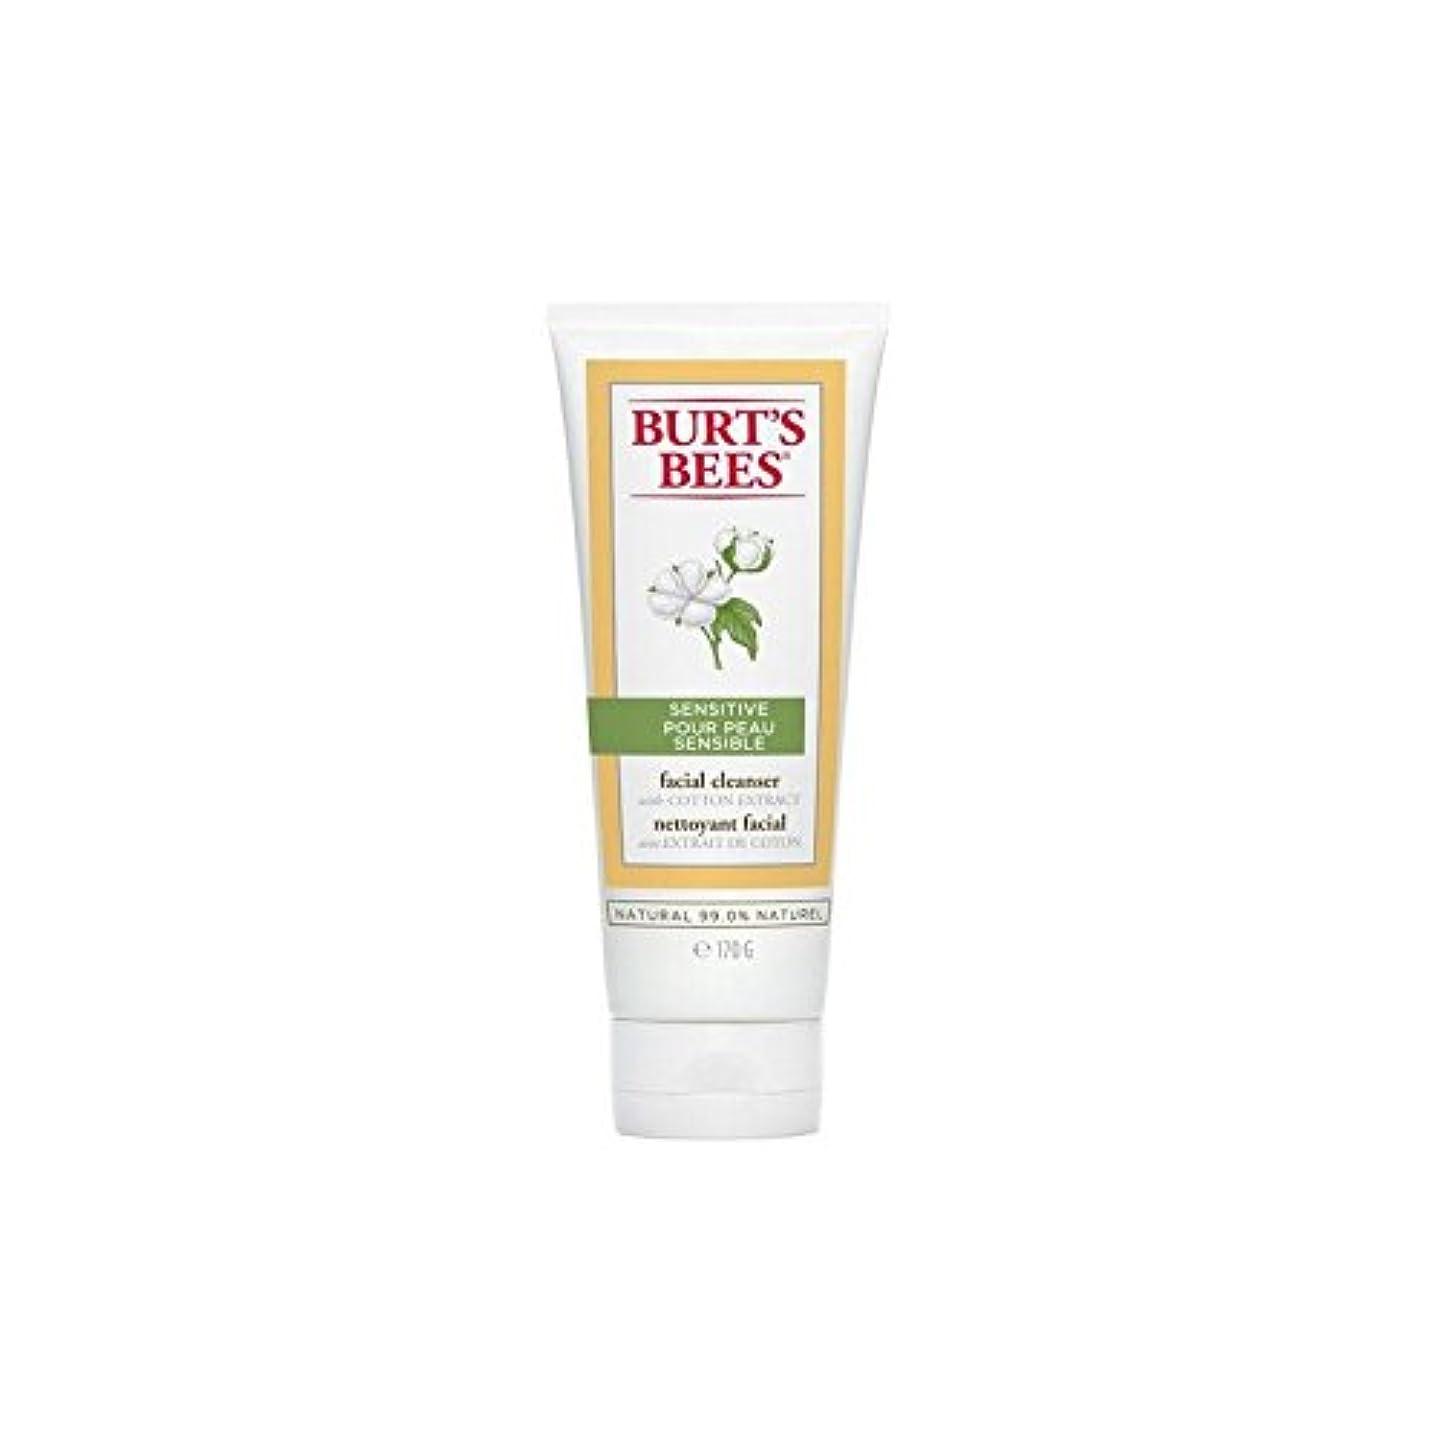 租界ファイアル優れましたバーツビー敏感な洗顔料の170グラム x2 - Burt's Bees Sensitive Facial Cleanser 170G (Pack of 2) [並行輸入品]